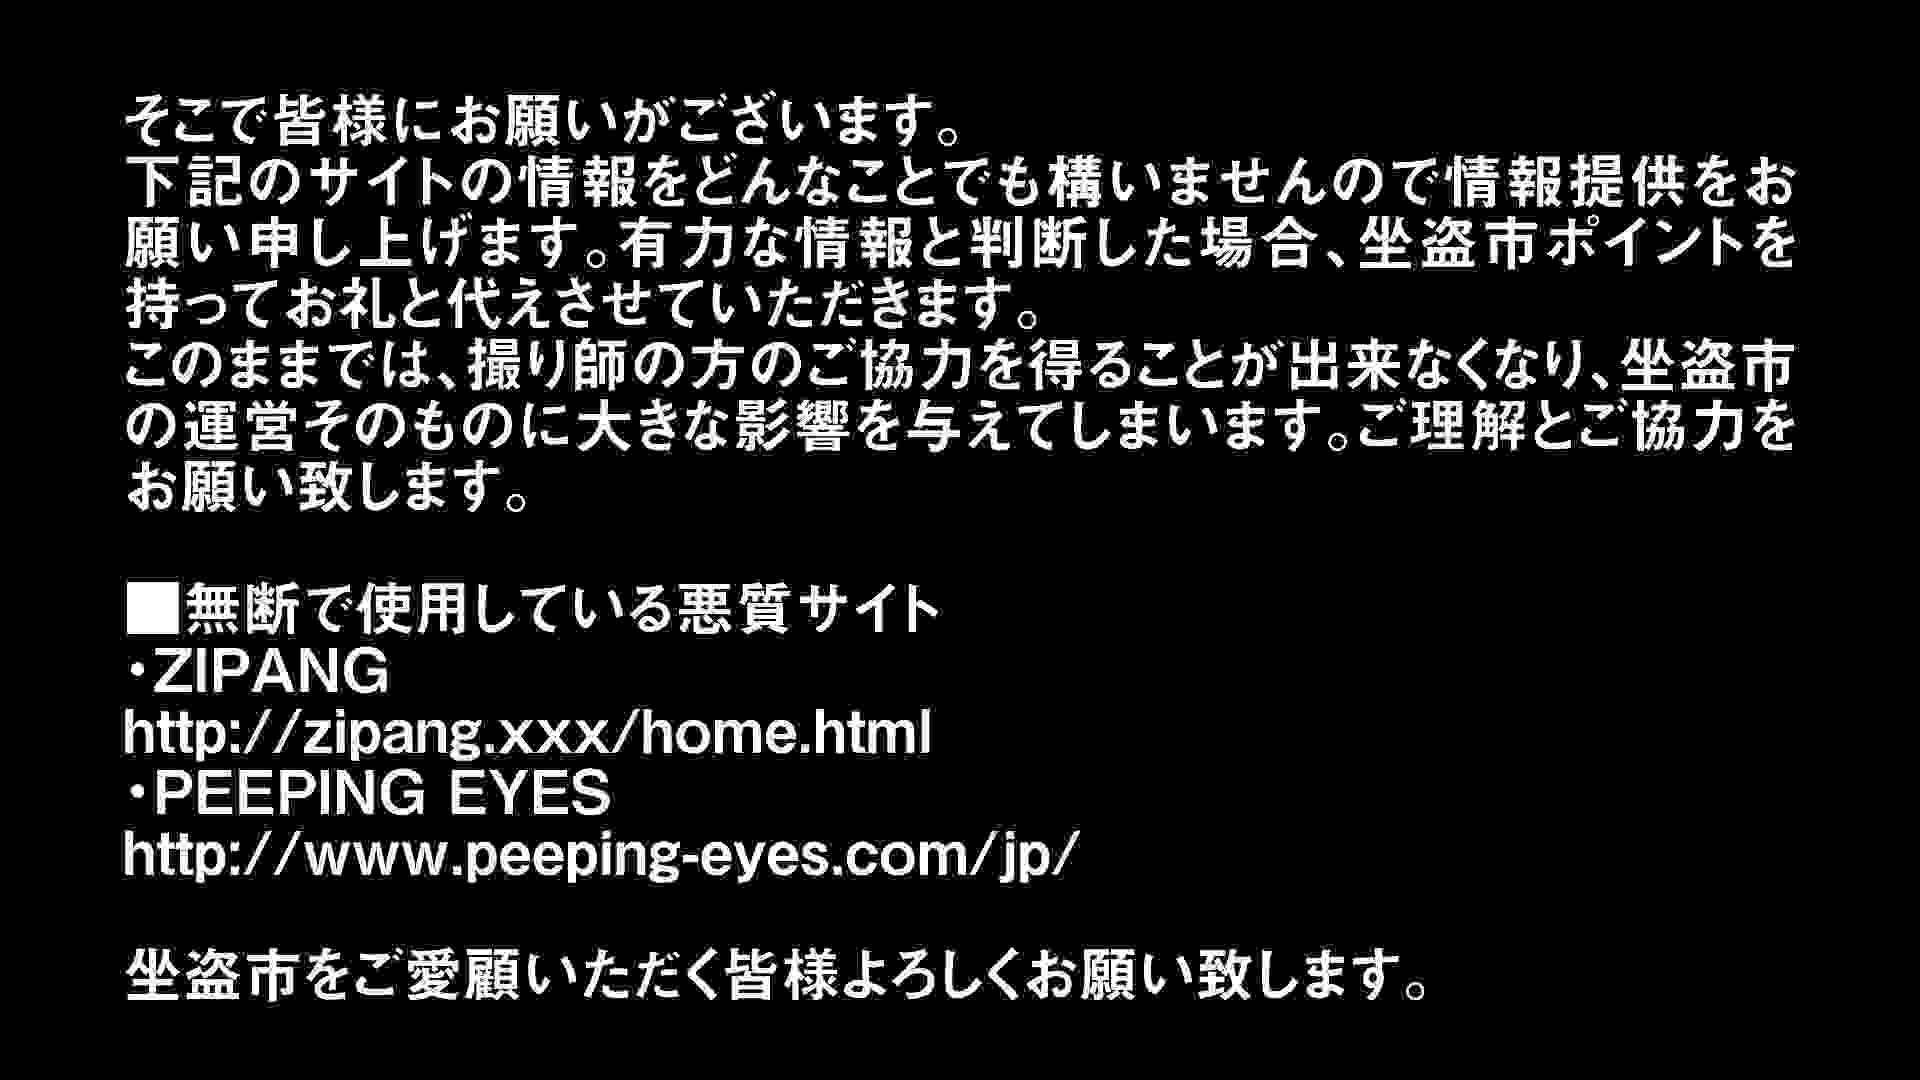 Aquaな露天風呂Vol.299 OLのエロ生活  53連発 18